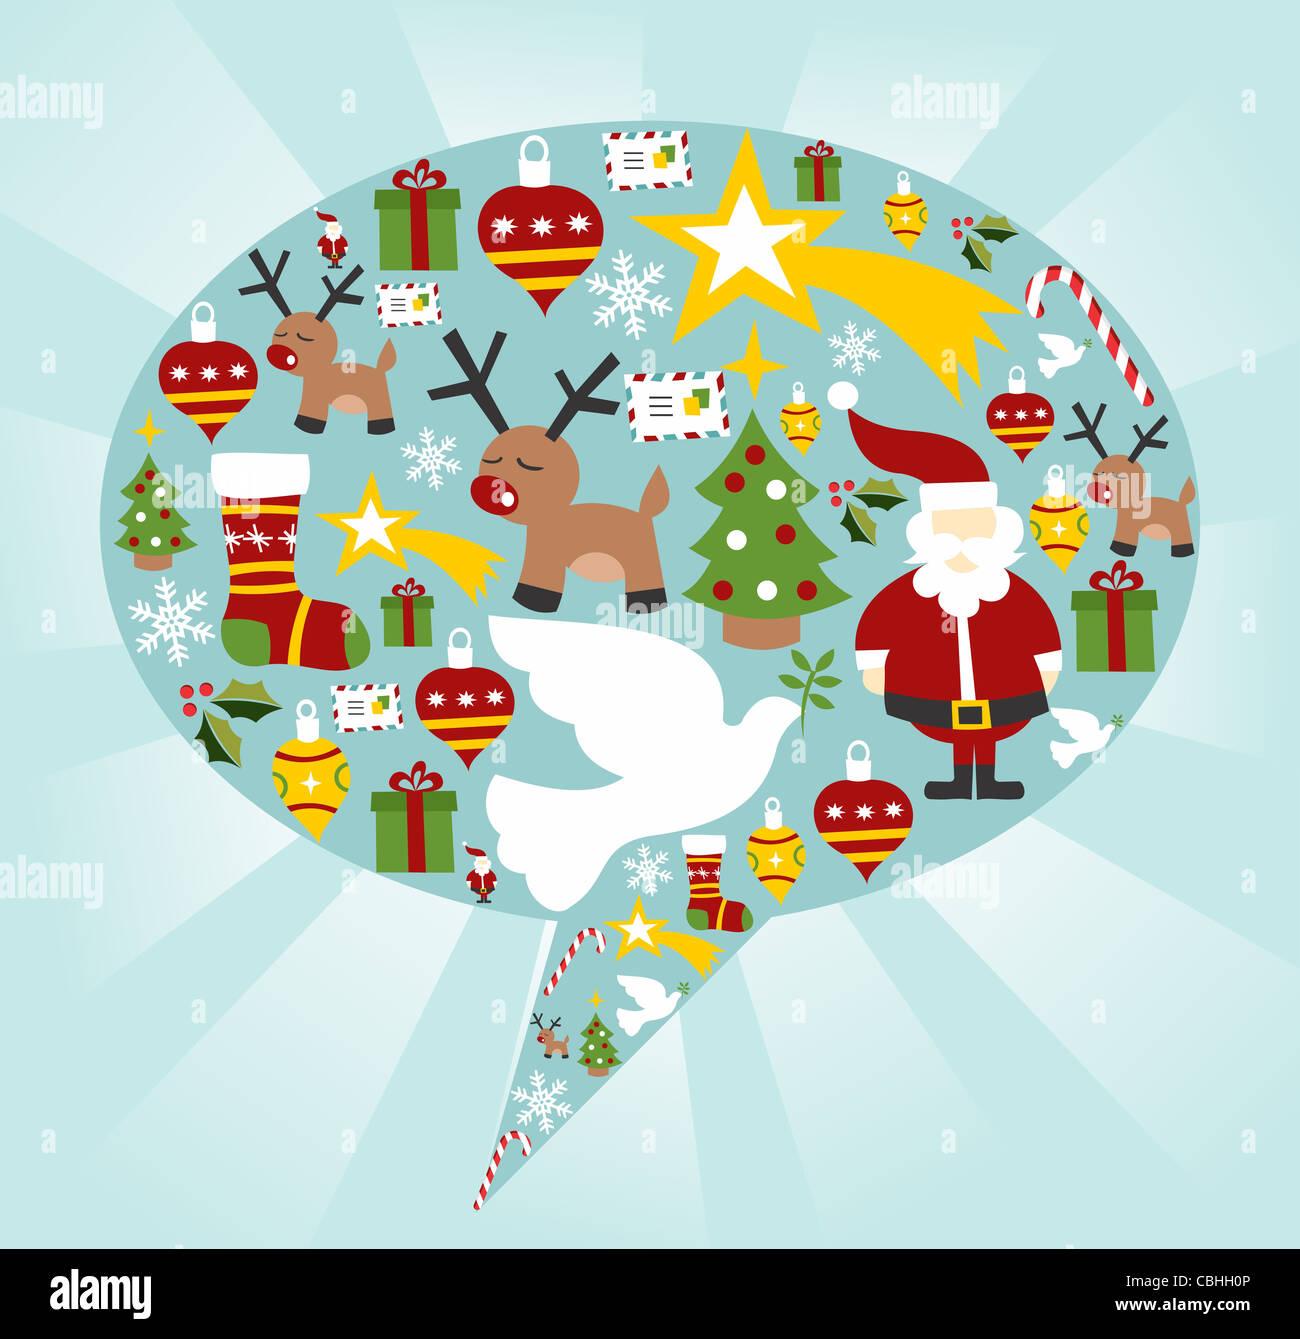 L'icône de Noël situé dans l'arrière-plan forme bulle. Fichier vecteur disponible. Photo Stock